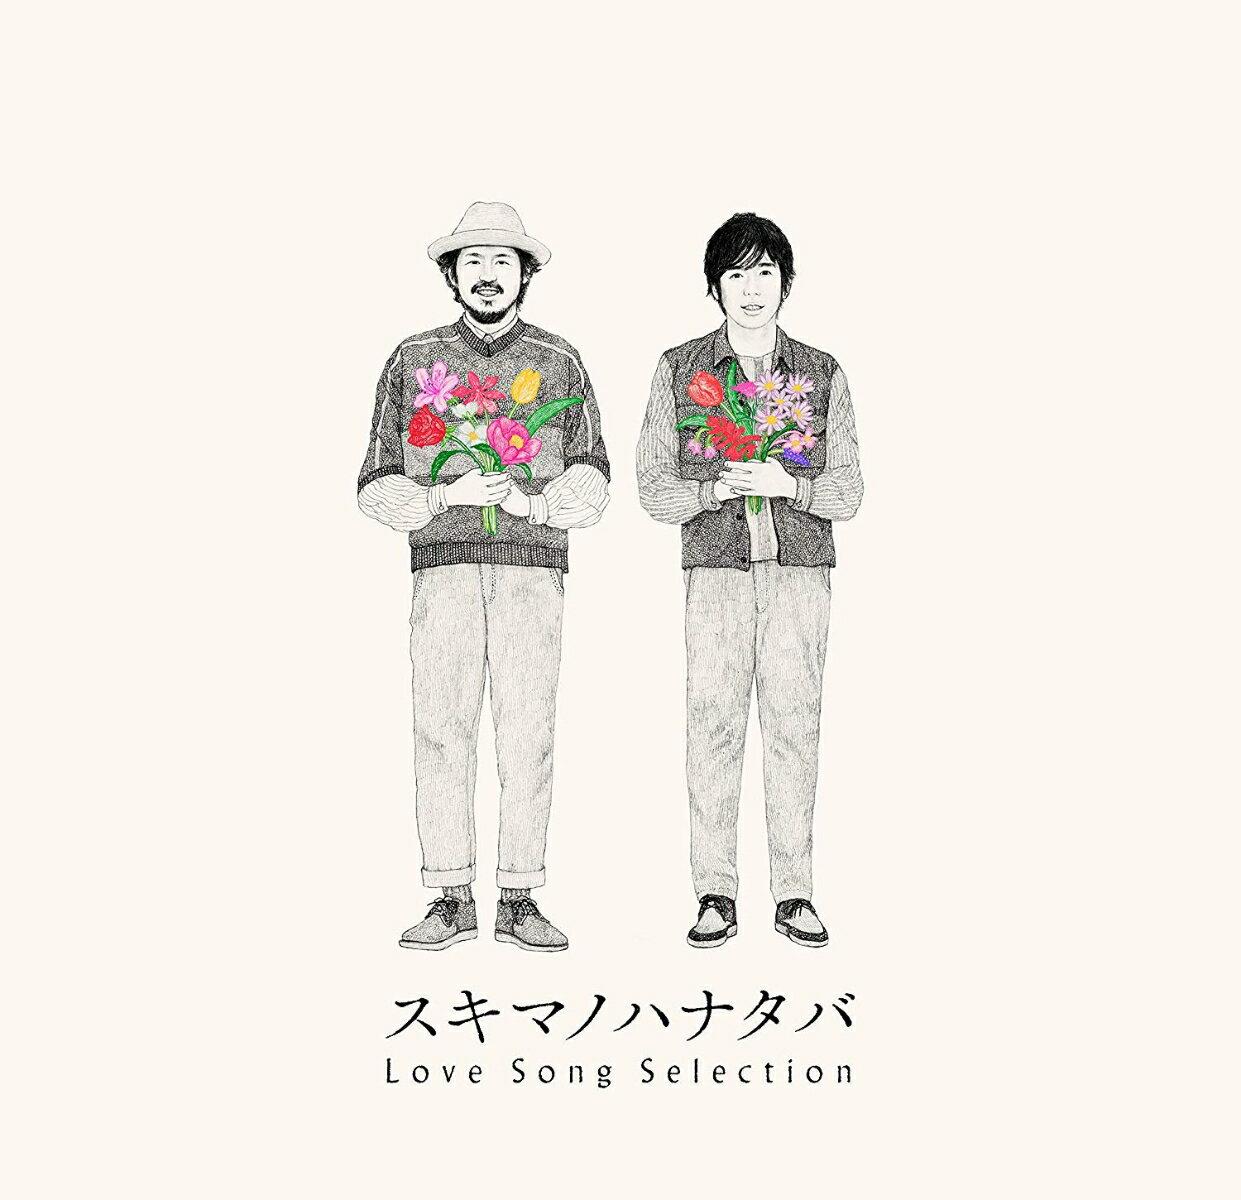 スキマノハナタバ 〜Love Song Selection〜 (初回限定盤 CD+DVD) [ スキマスイッチ ]